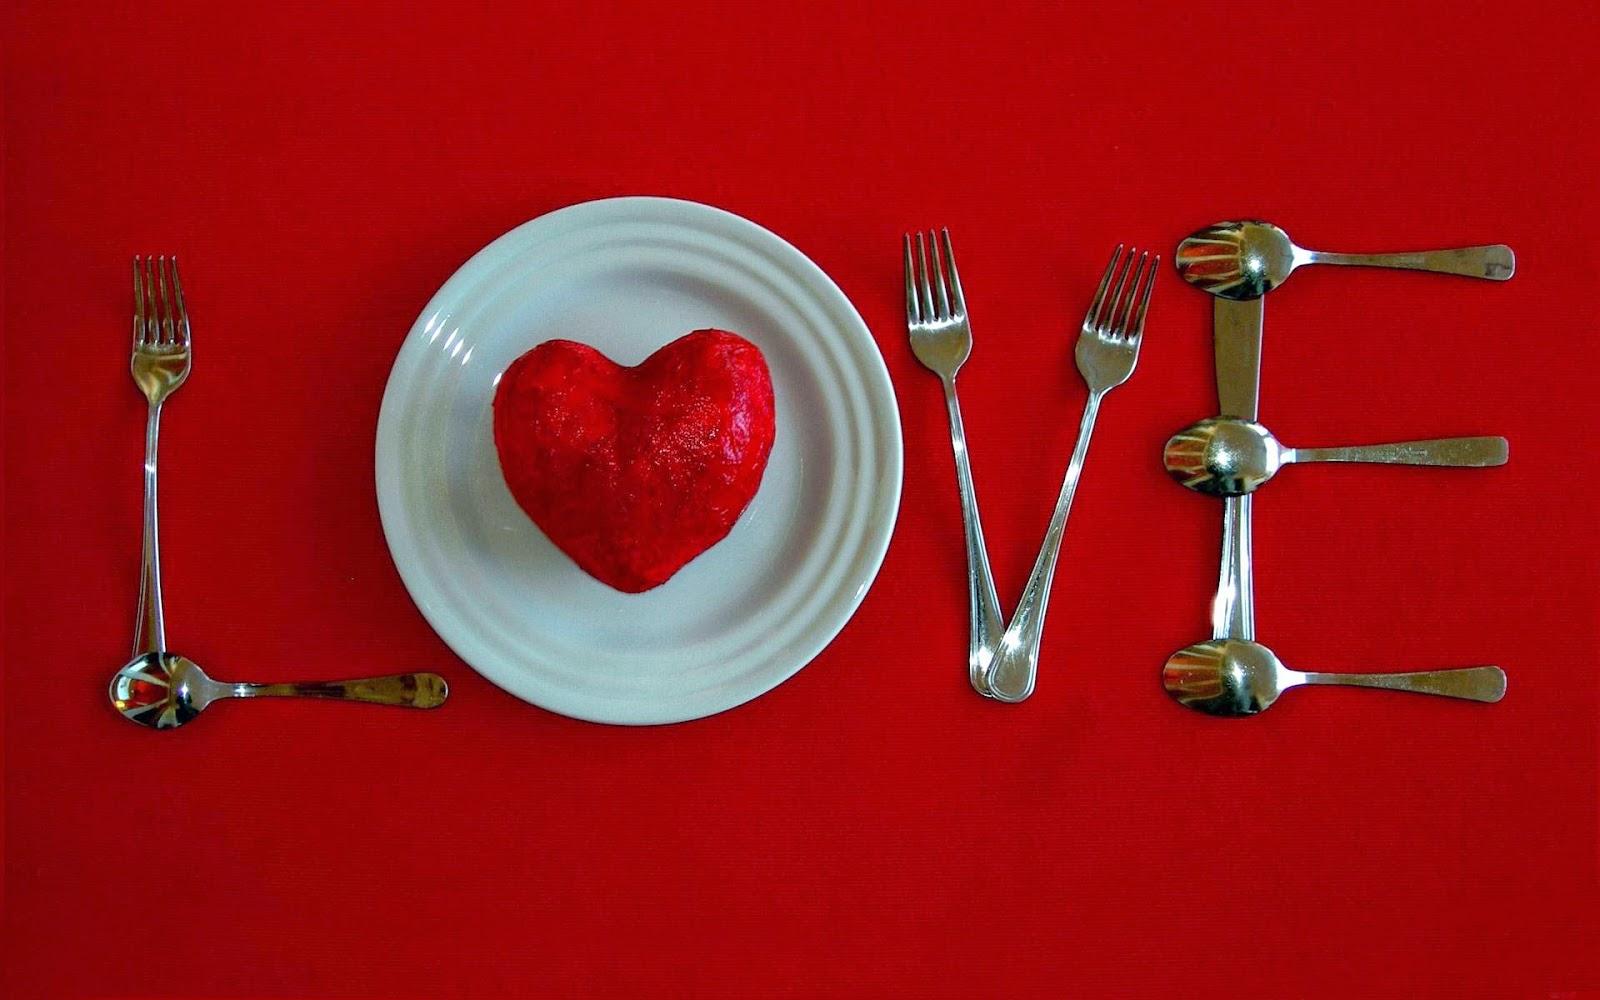 كوفر قلوب حب للفيس بوك